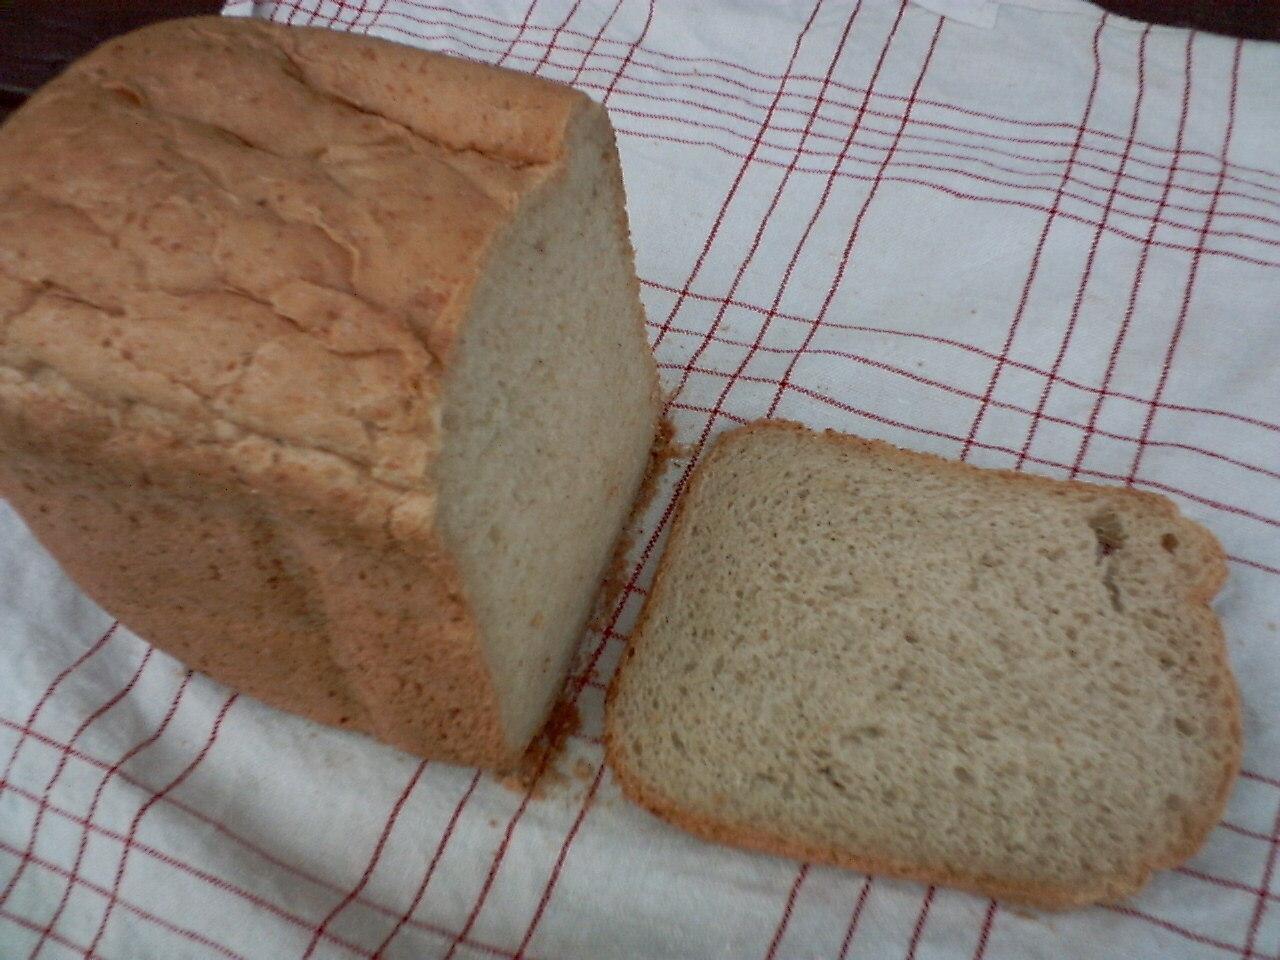 saftigt bakmaskin bröd